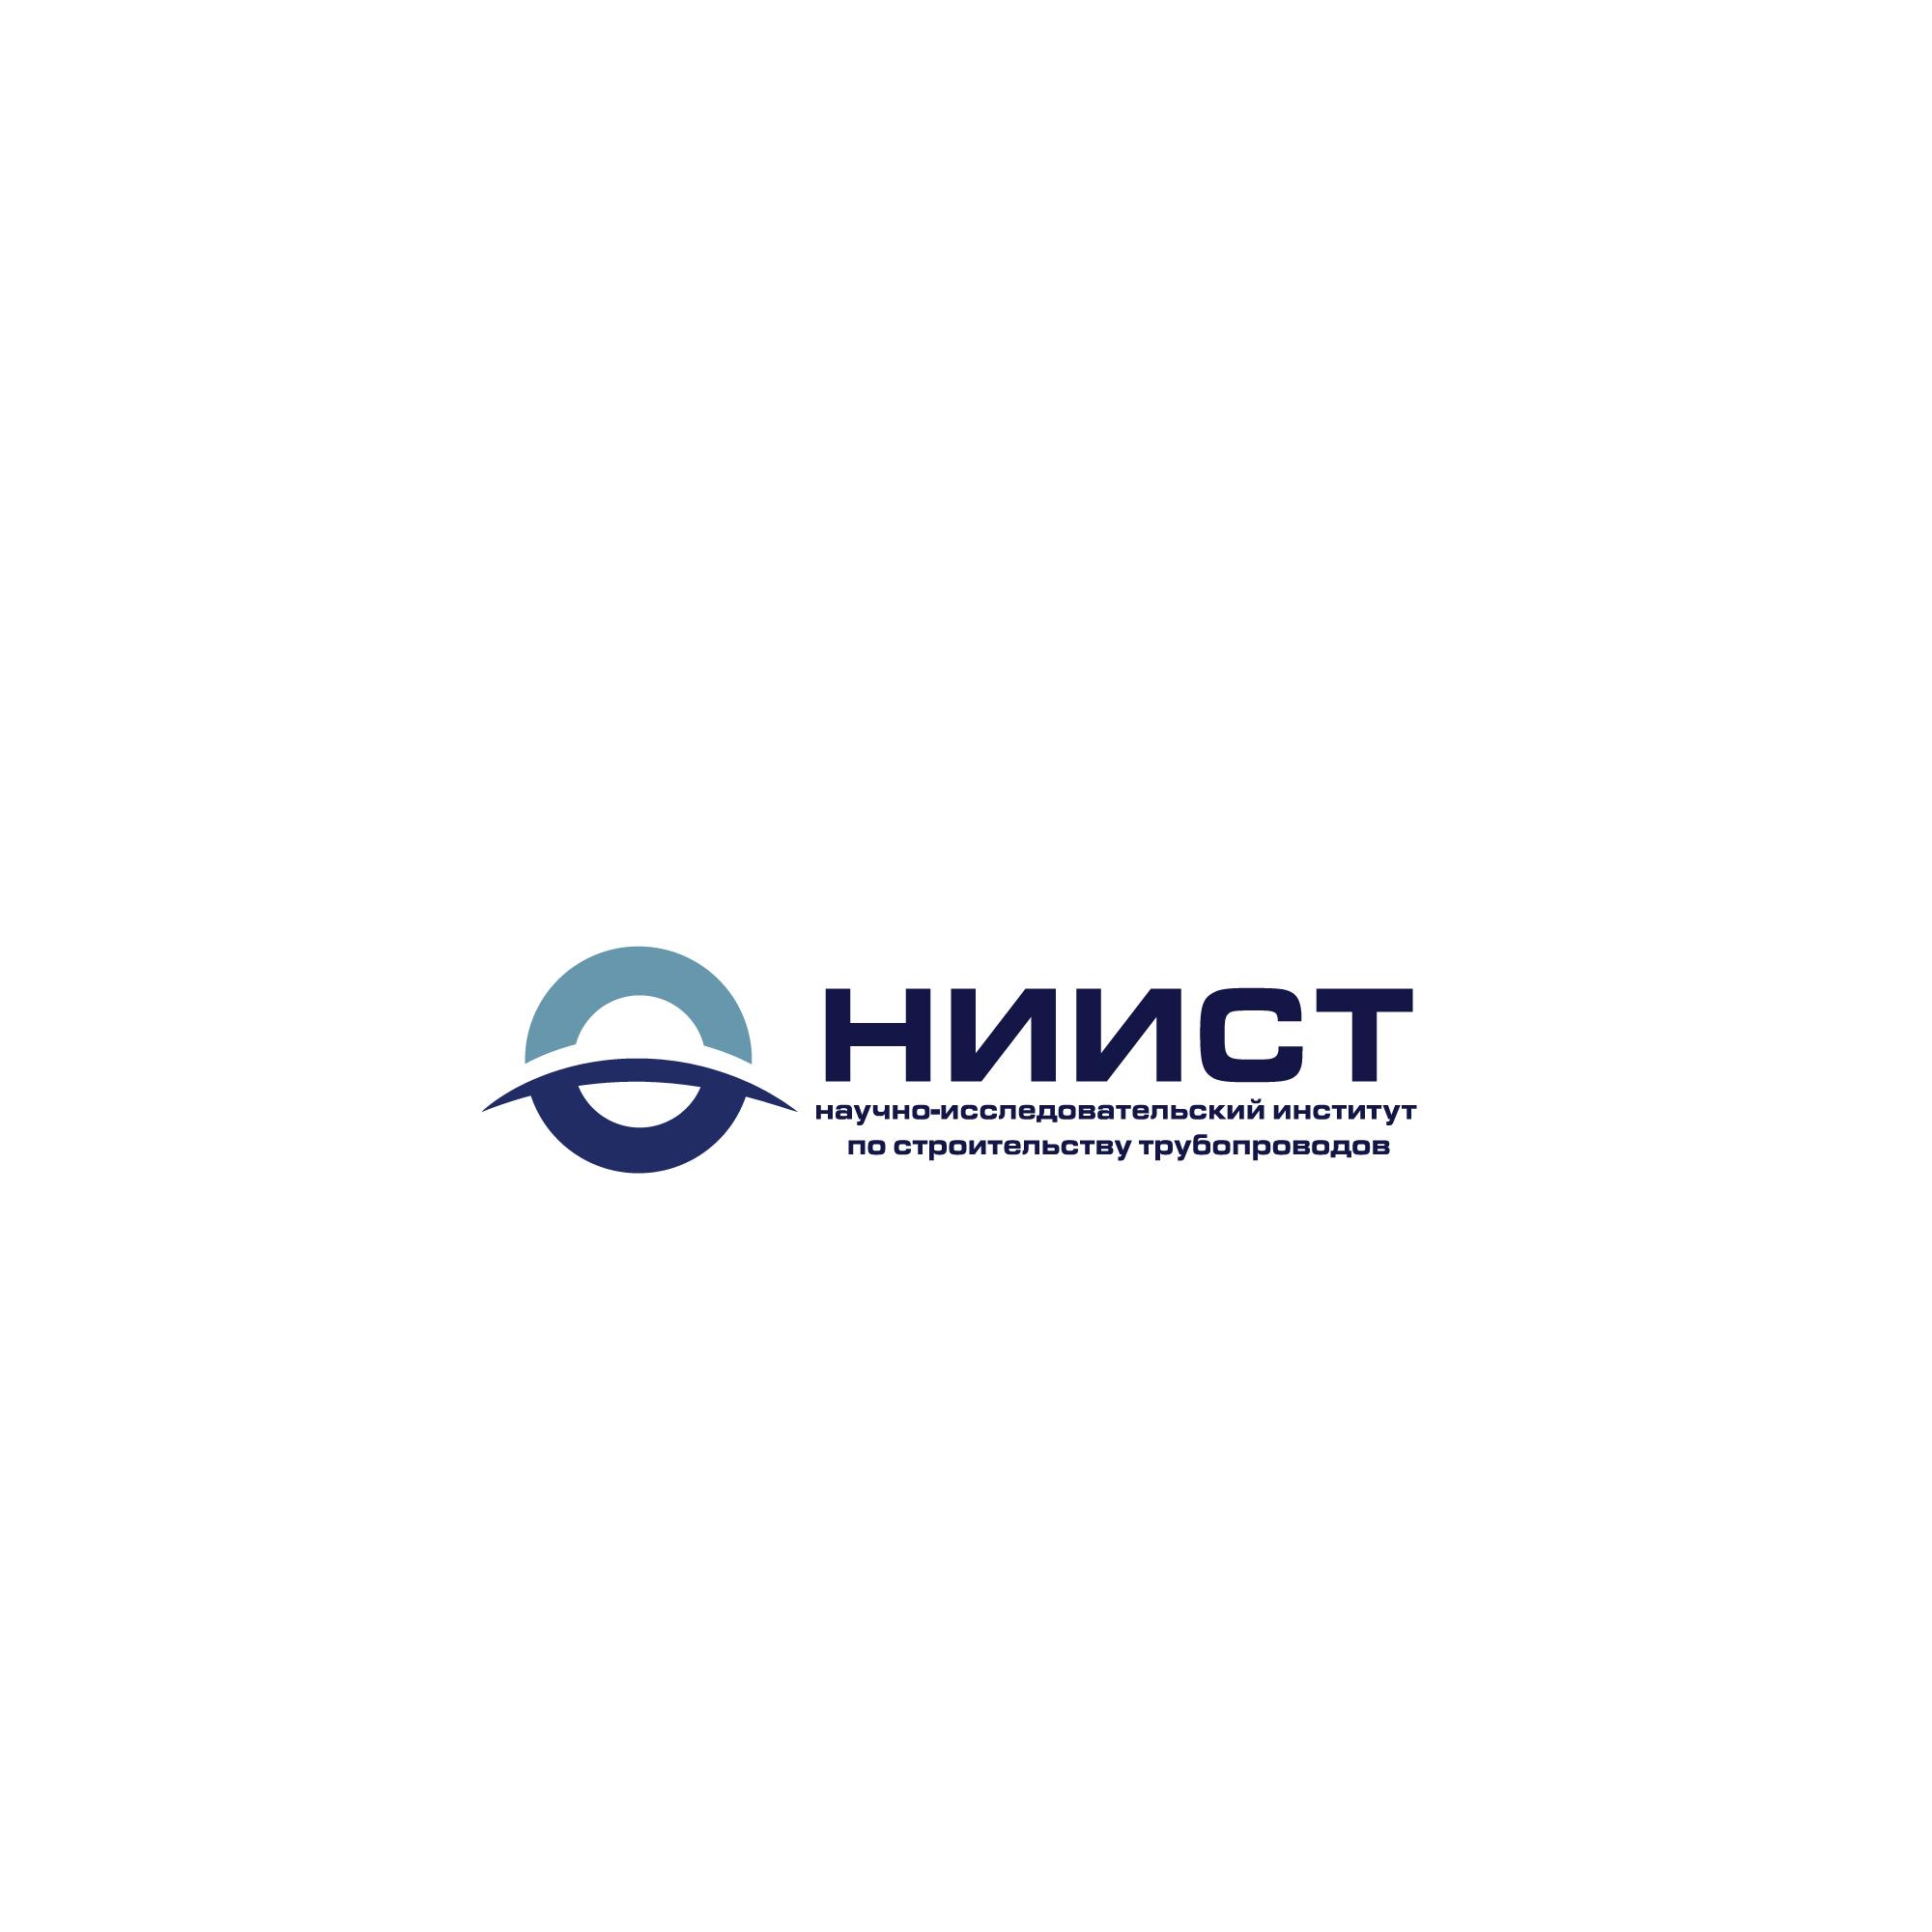 Разработка логотипа фото f_9205ba01cc6356c8.jpg